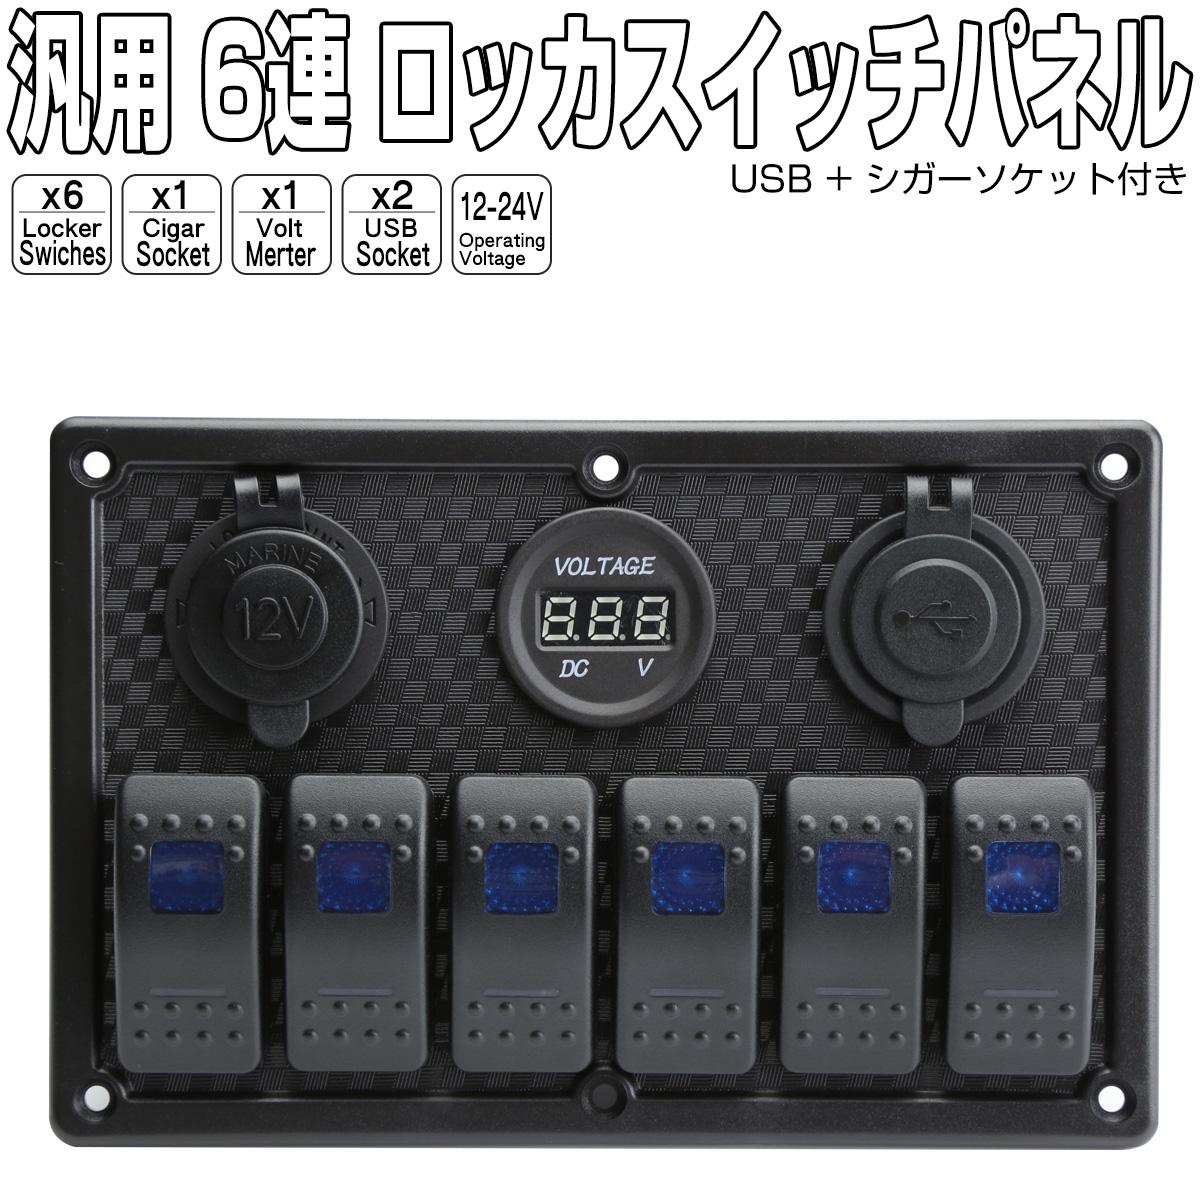 汎用 6連 防滴仕様 ロッカ スイッチ パネル LEDパイロットランプ 電圧計 シガープラグ USB電源付き アイコンステッカー100個入 I-276